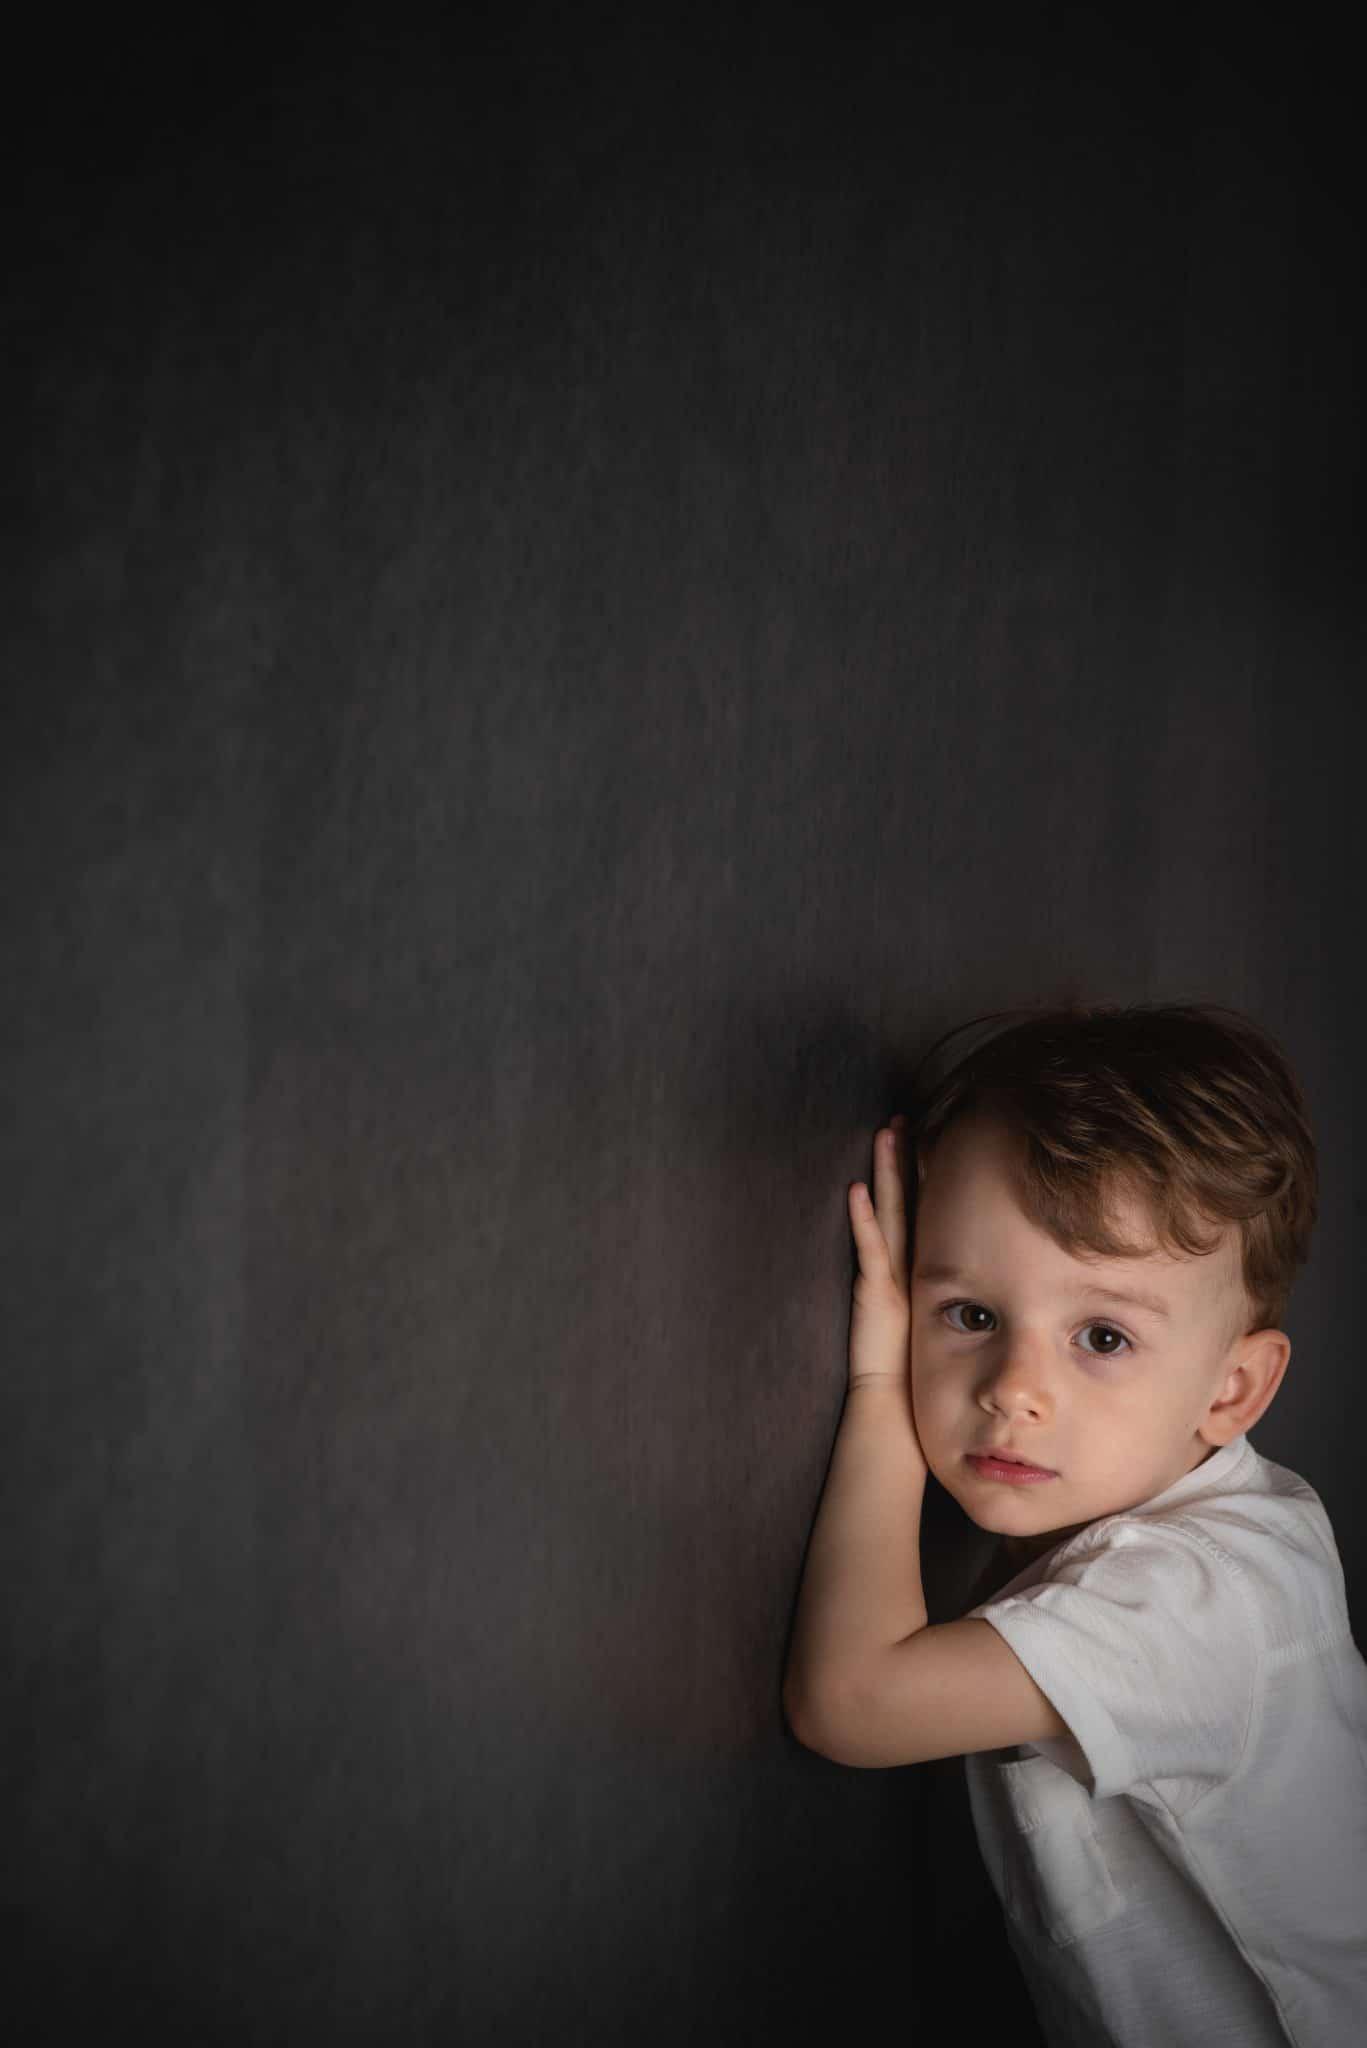 fotografo ritratti in grigio la spezia scegli il tuo colore bambino appoggiato al muro